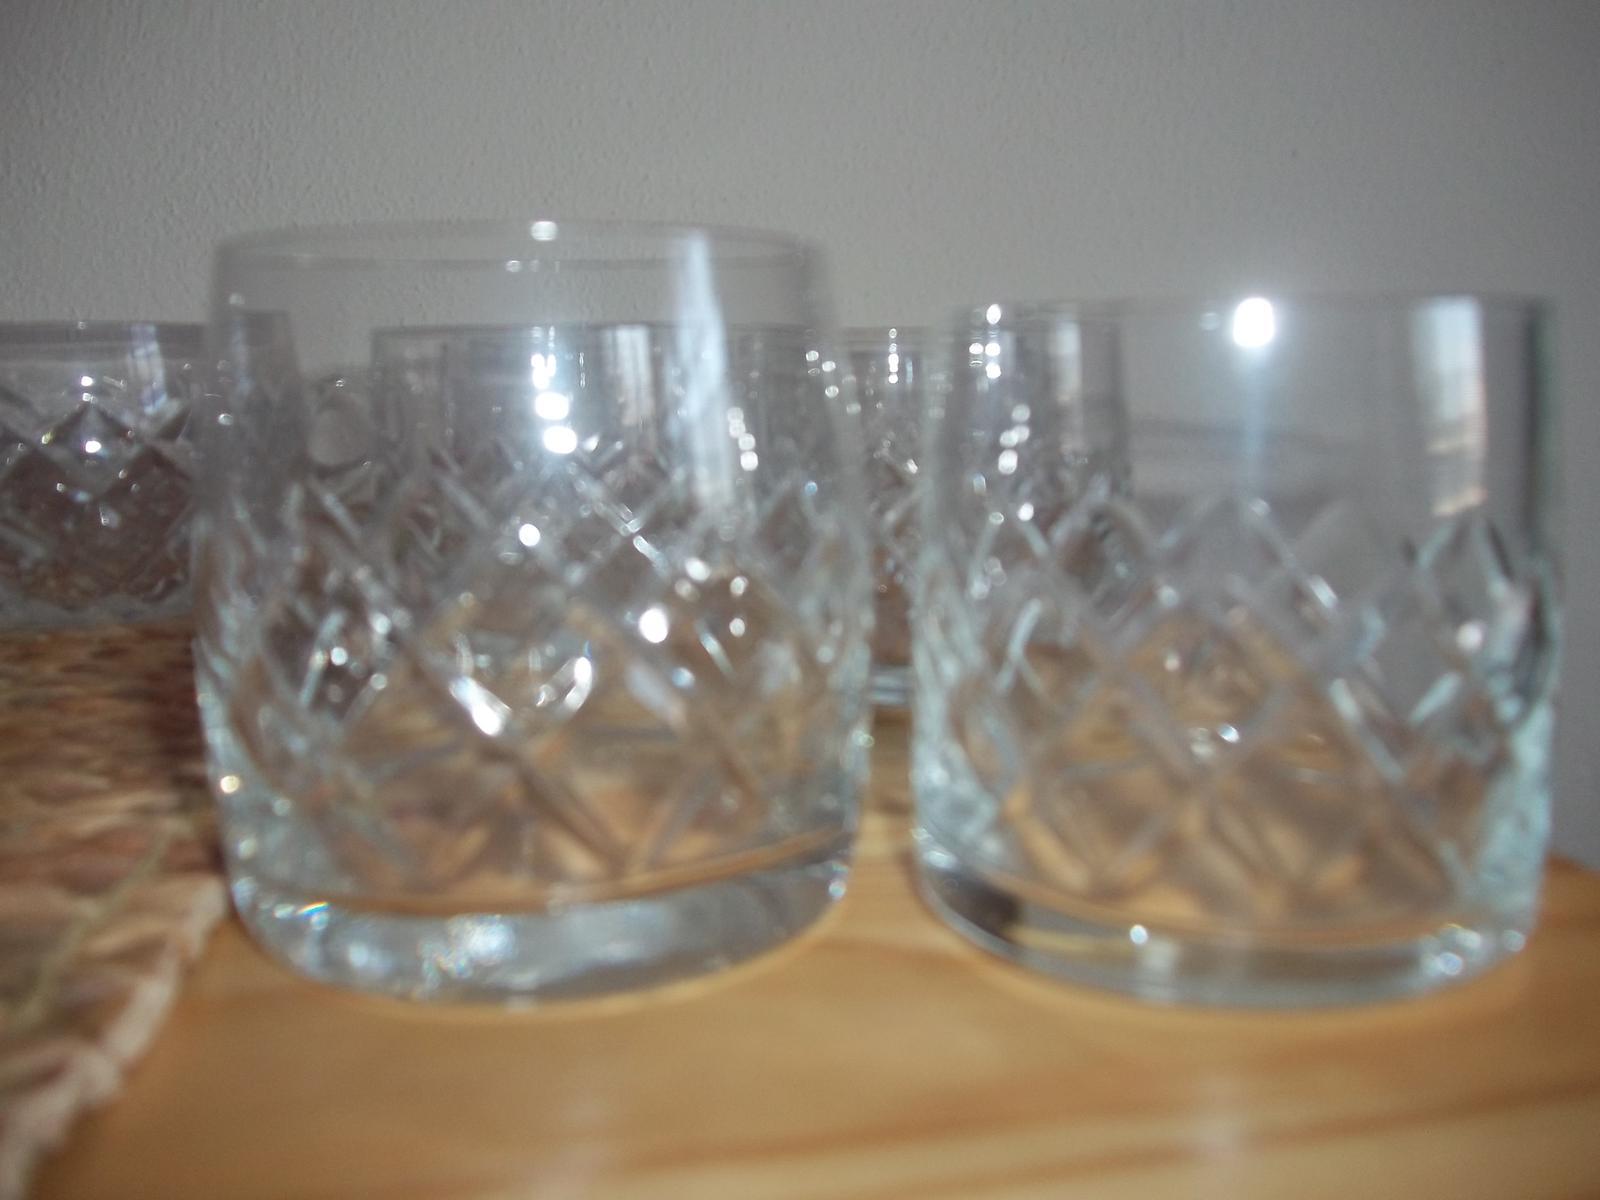 Sady pohárov v dvoch veľkostiach,cena spolu - Obrázok č. 1